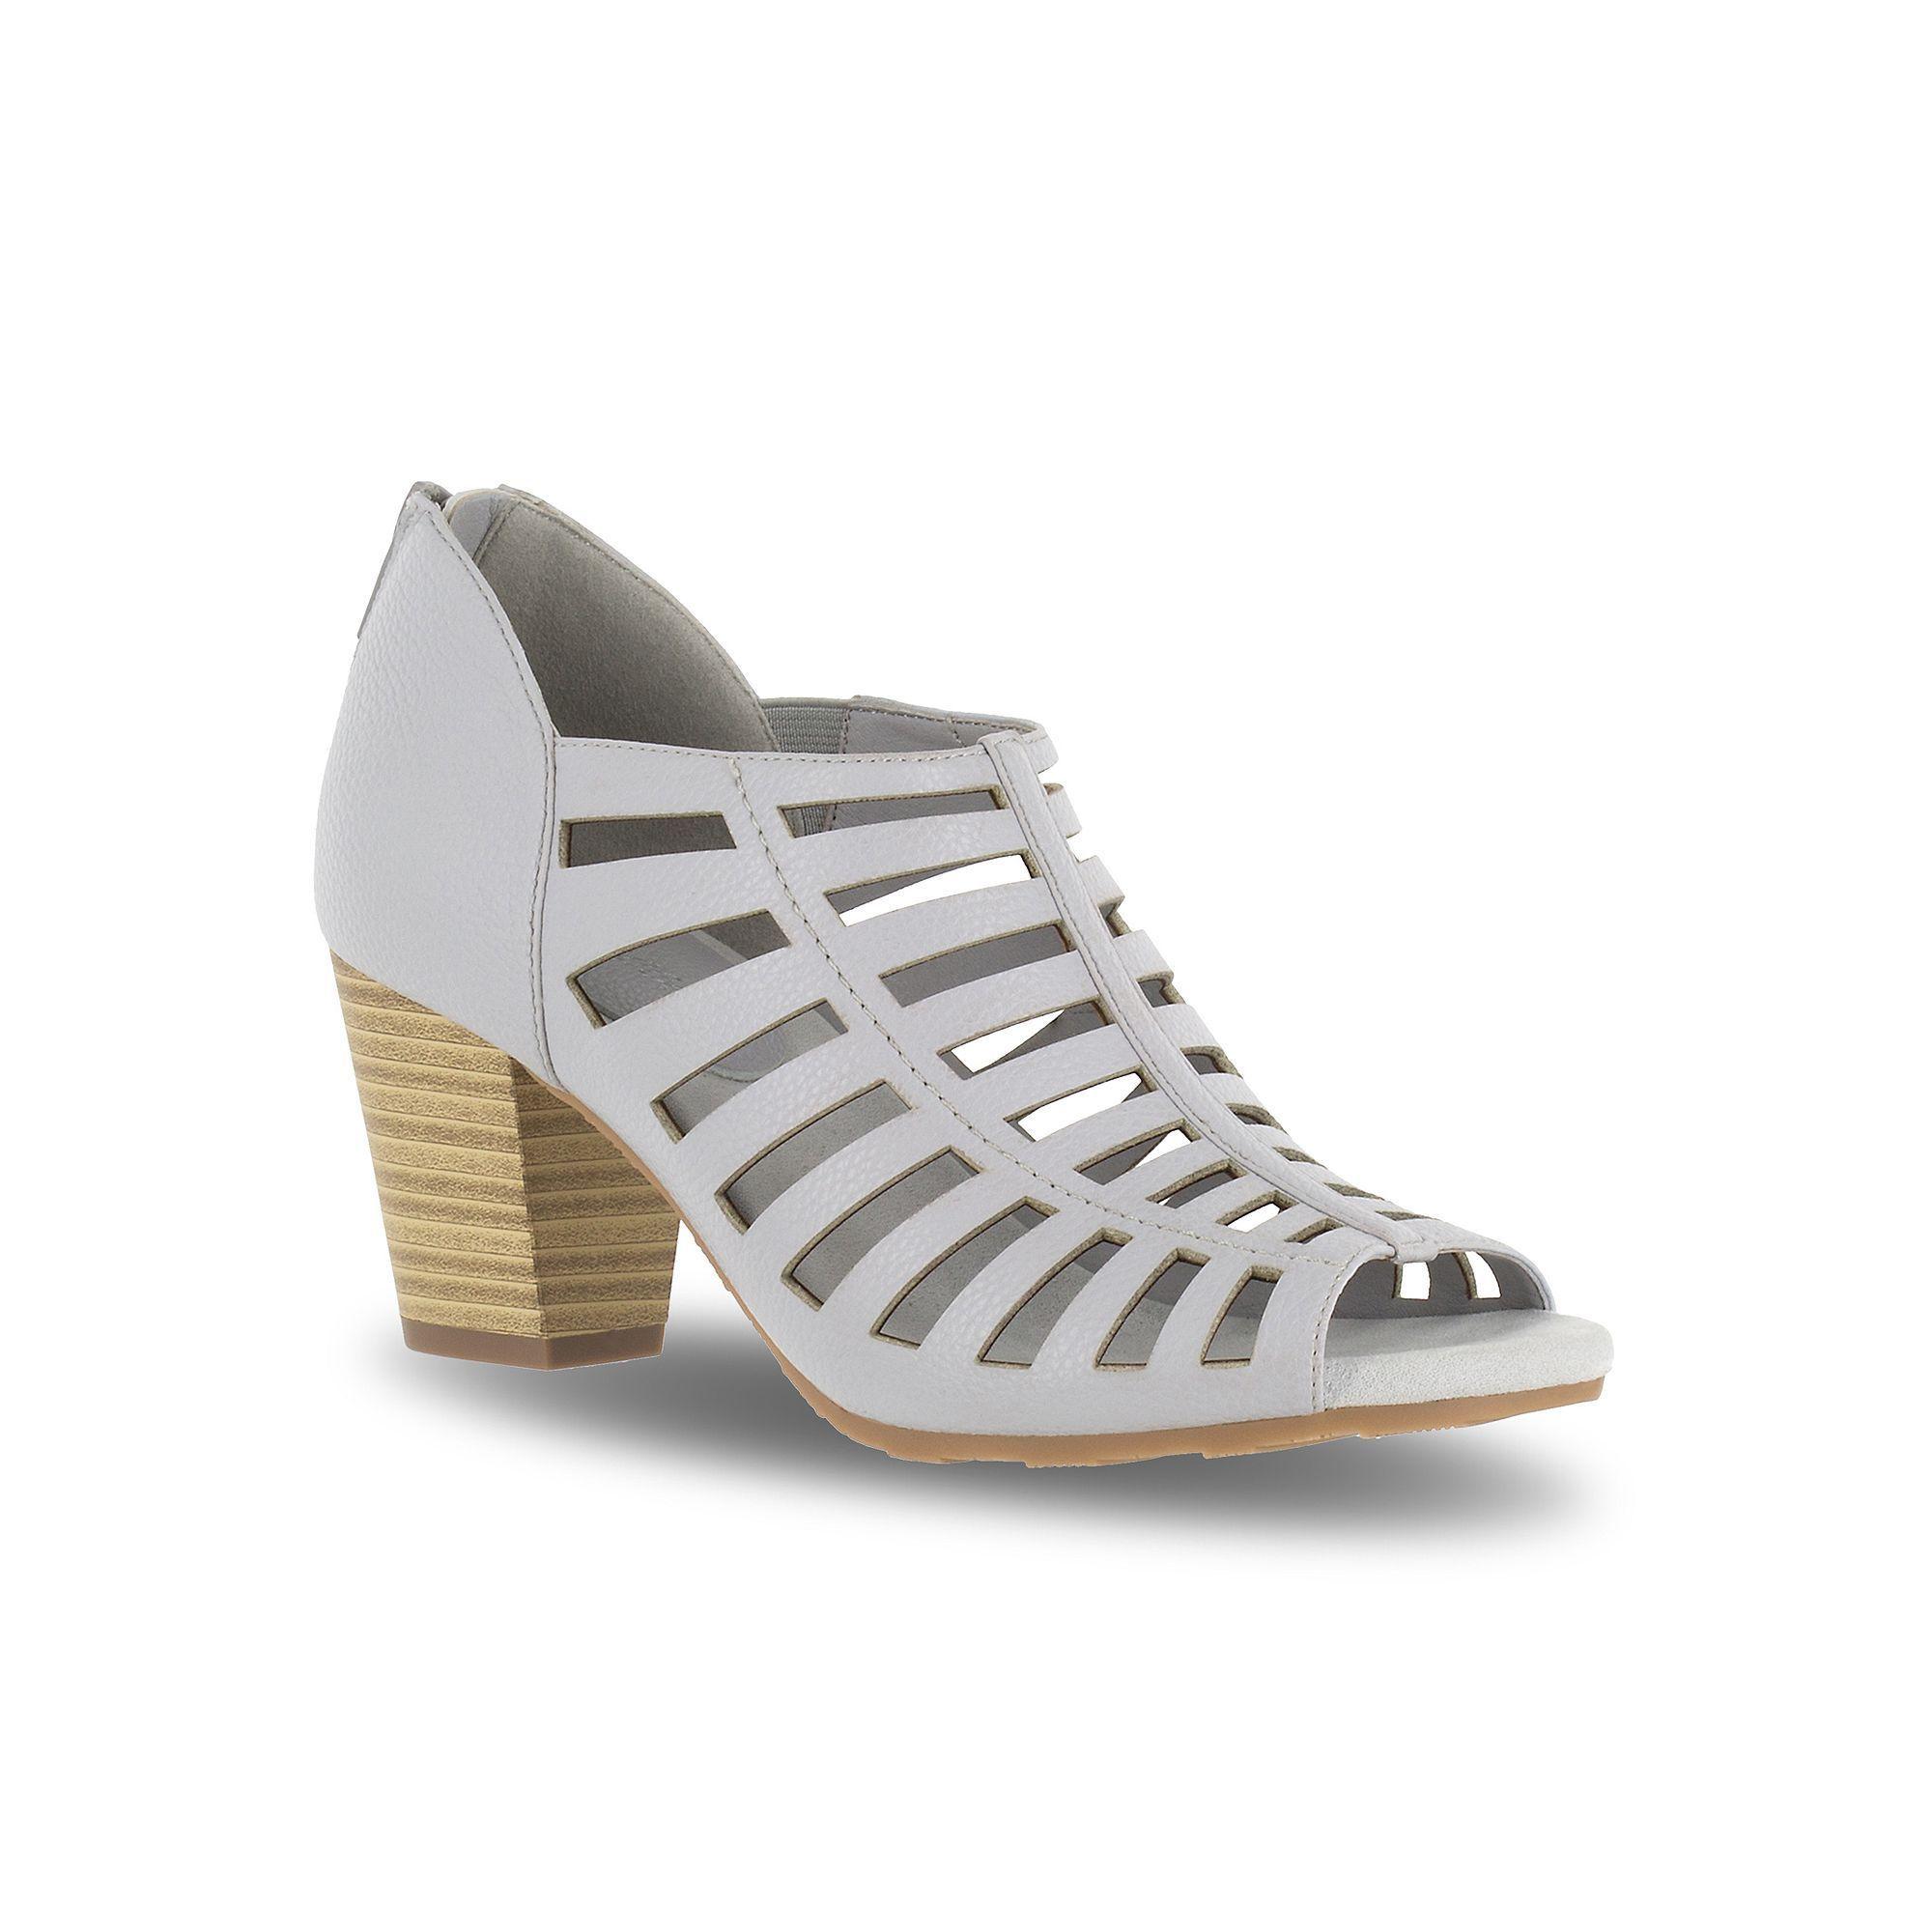 abd6d4d44ce1 Easy Street Pilot Women s High Heel Sandals